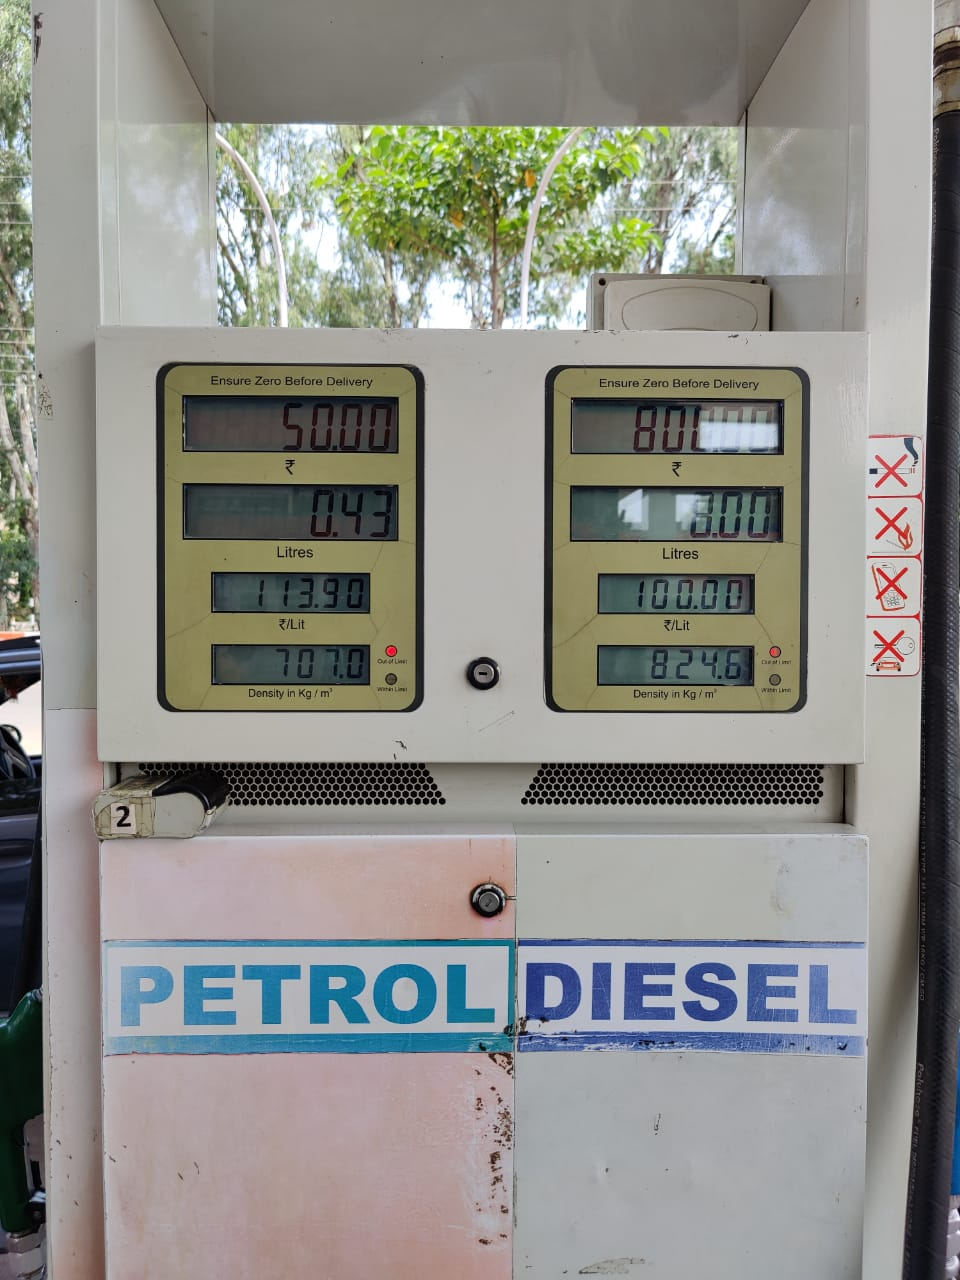 छिंदवाड़ा में 100 रुपए प्रति लीटर पहुंचे डीजल के दाम, पेट्रोल पहुंचा 113 के पार, महंगाई ने किया बेहाल|छिंदवाड़ा,Chhindwara - Dainik Bhaskar